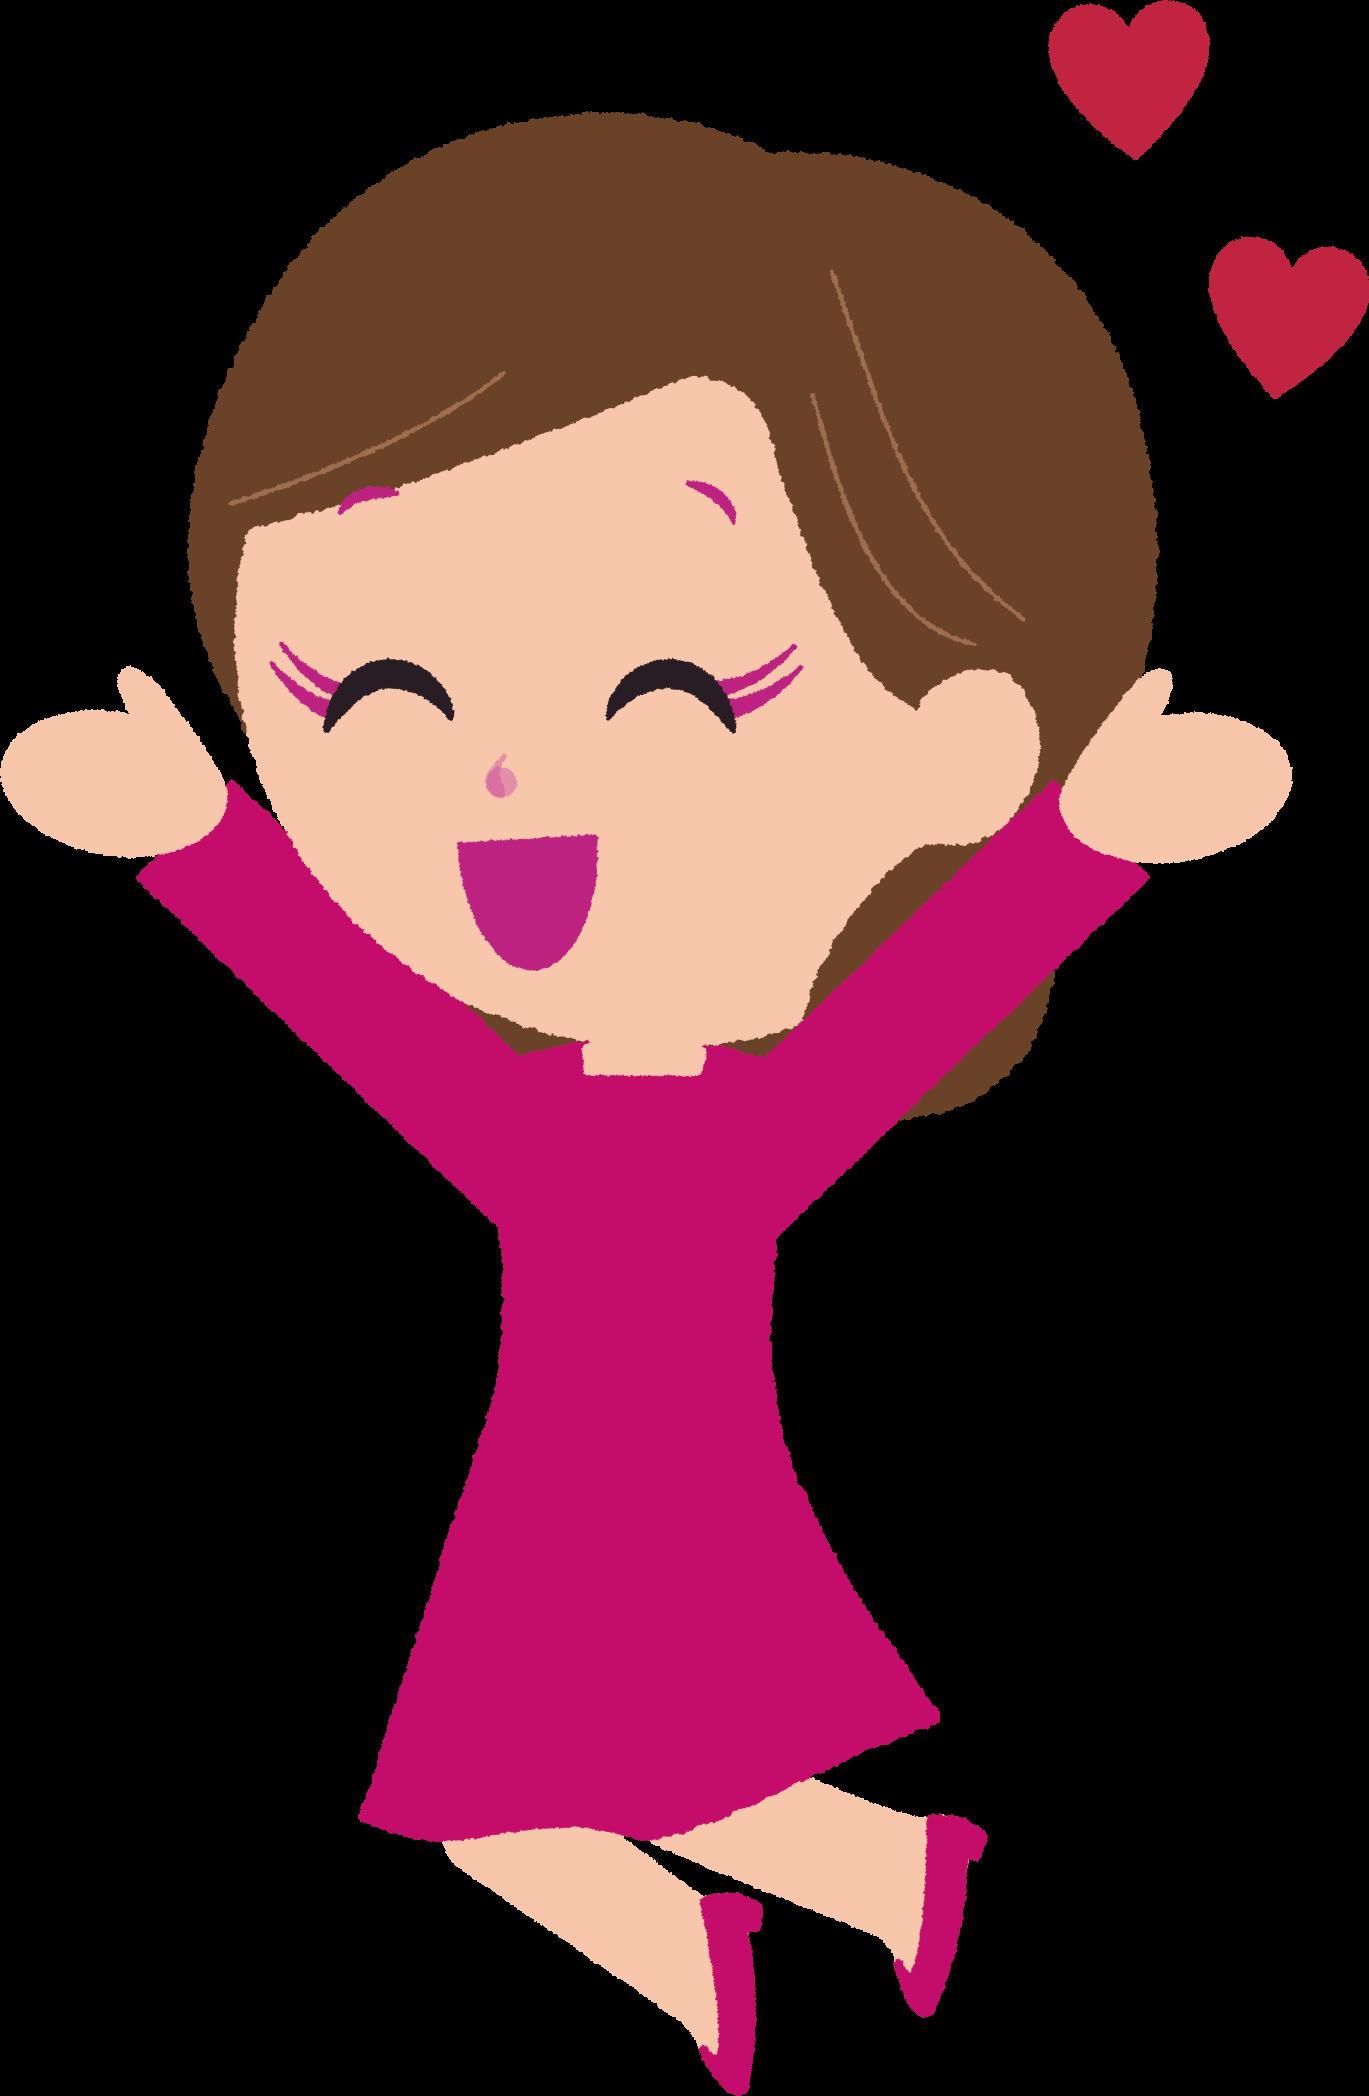 万歳ポーズ女性イラスト / 嬉しい・喜び | 可愛い無料イラスト素材集